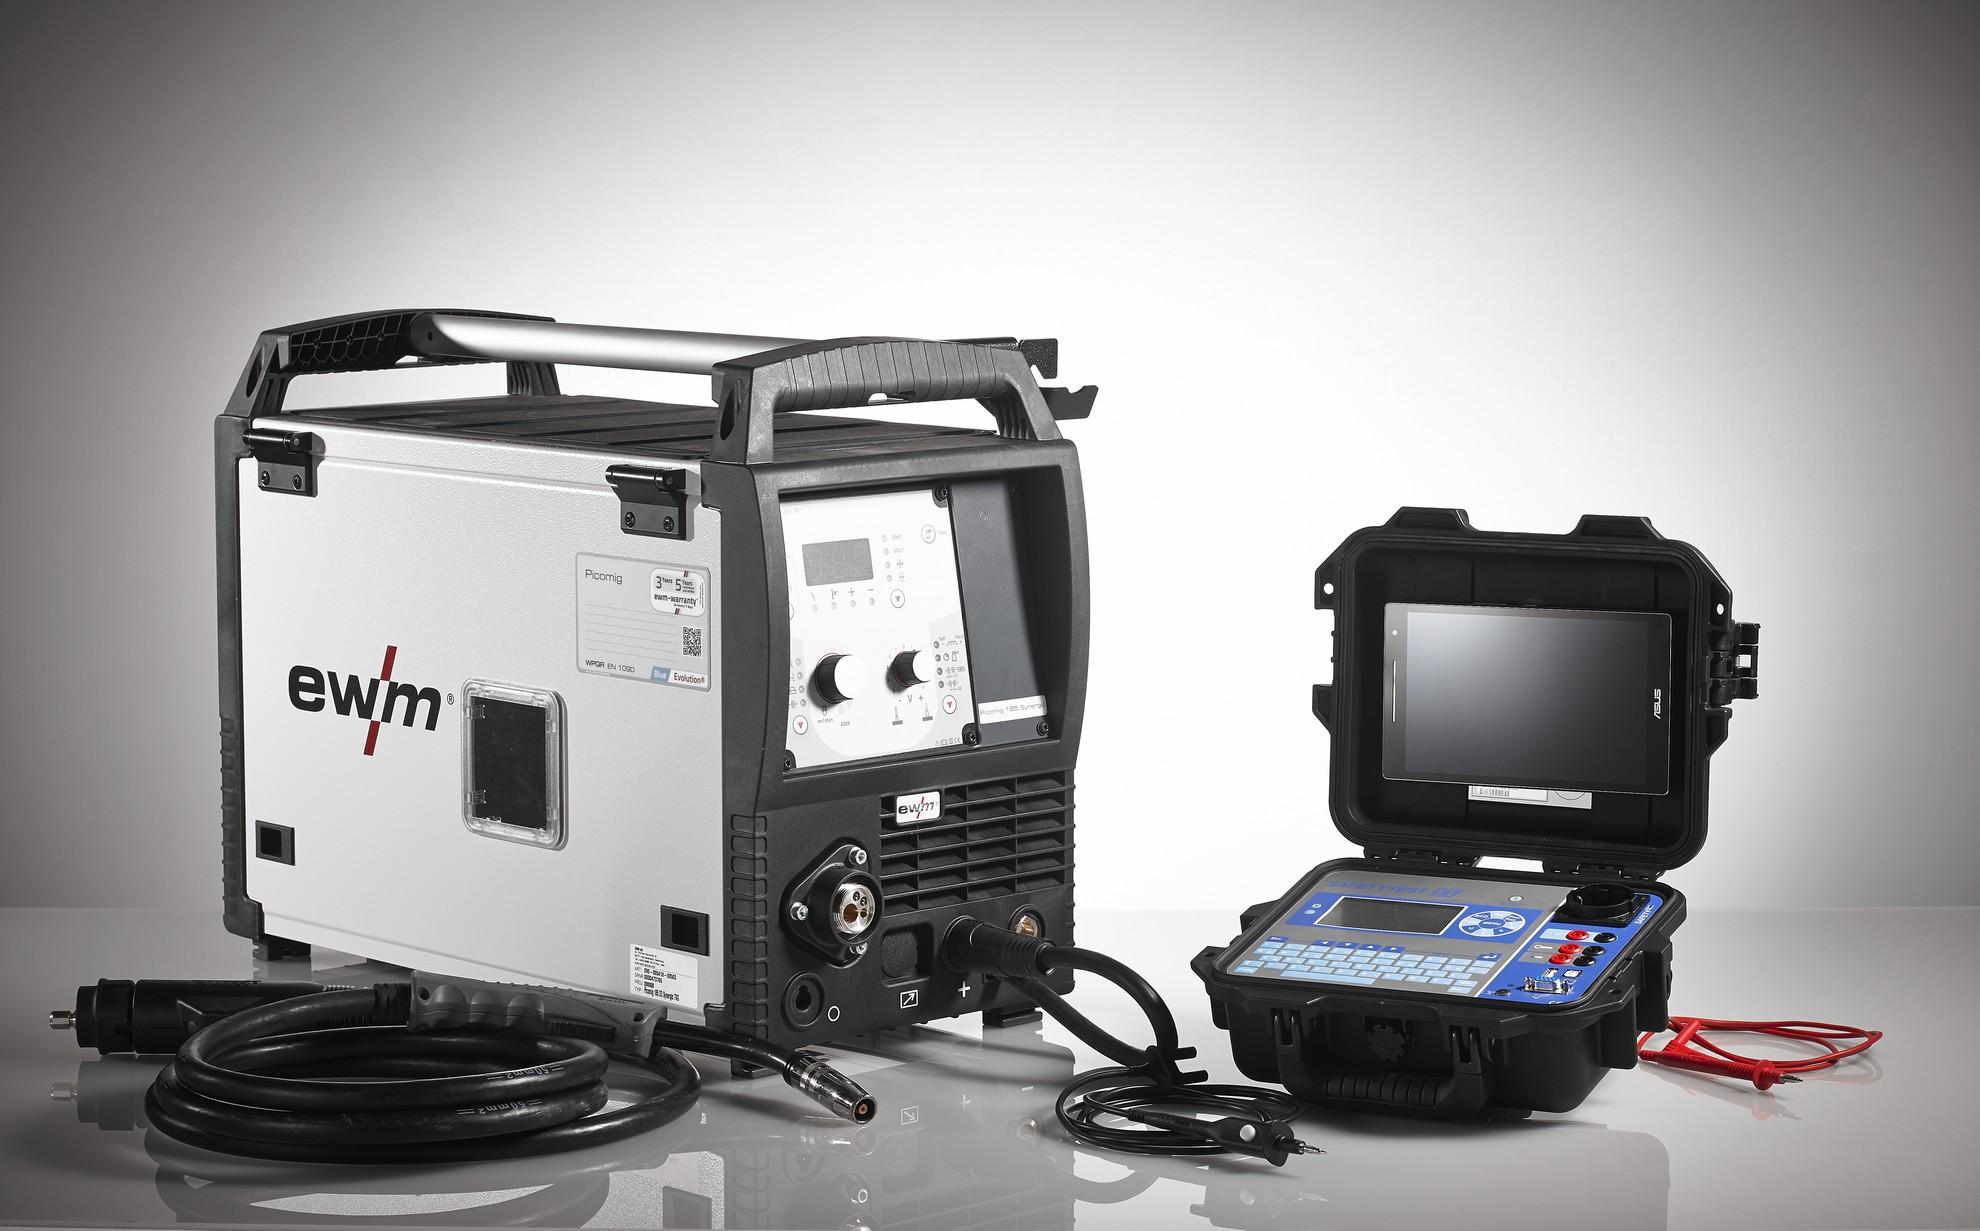 Schulung Sicherheitsprüfungen an elektrischen Geräten